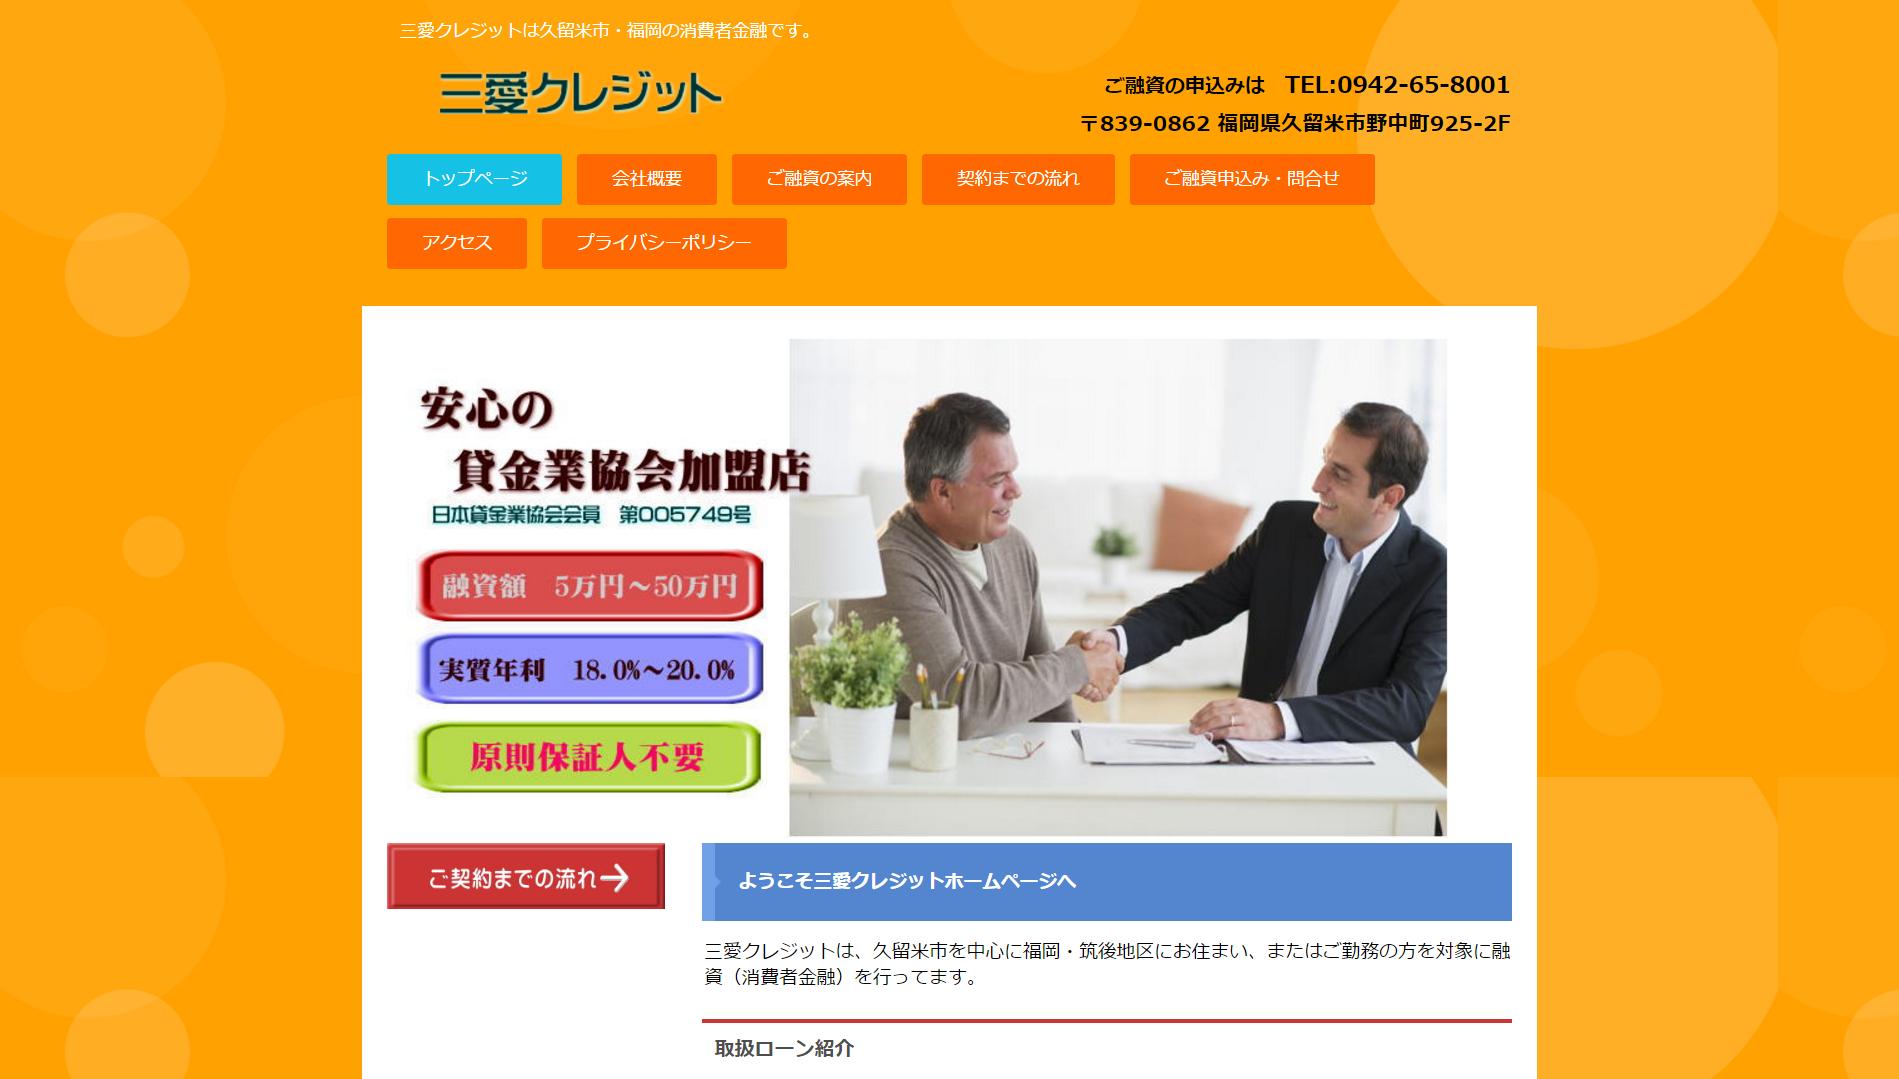 三愛クレジット(福岡県久留米市野中町)